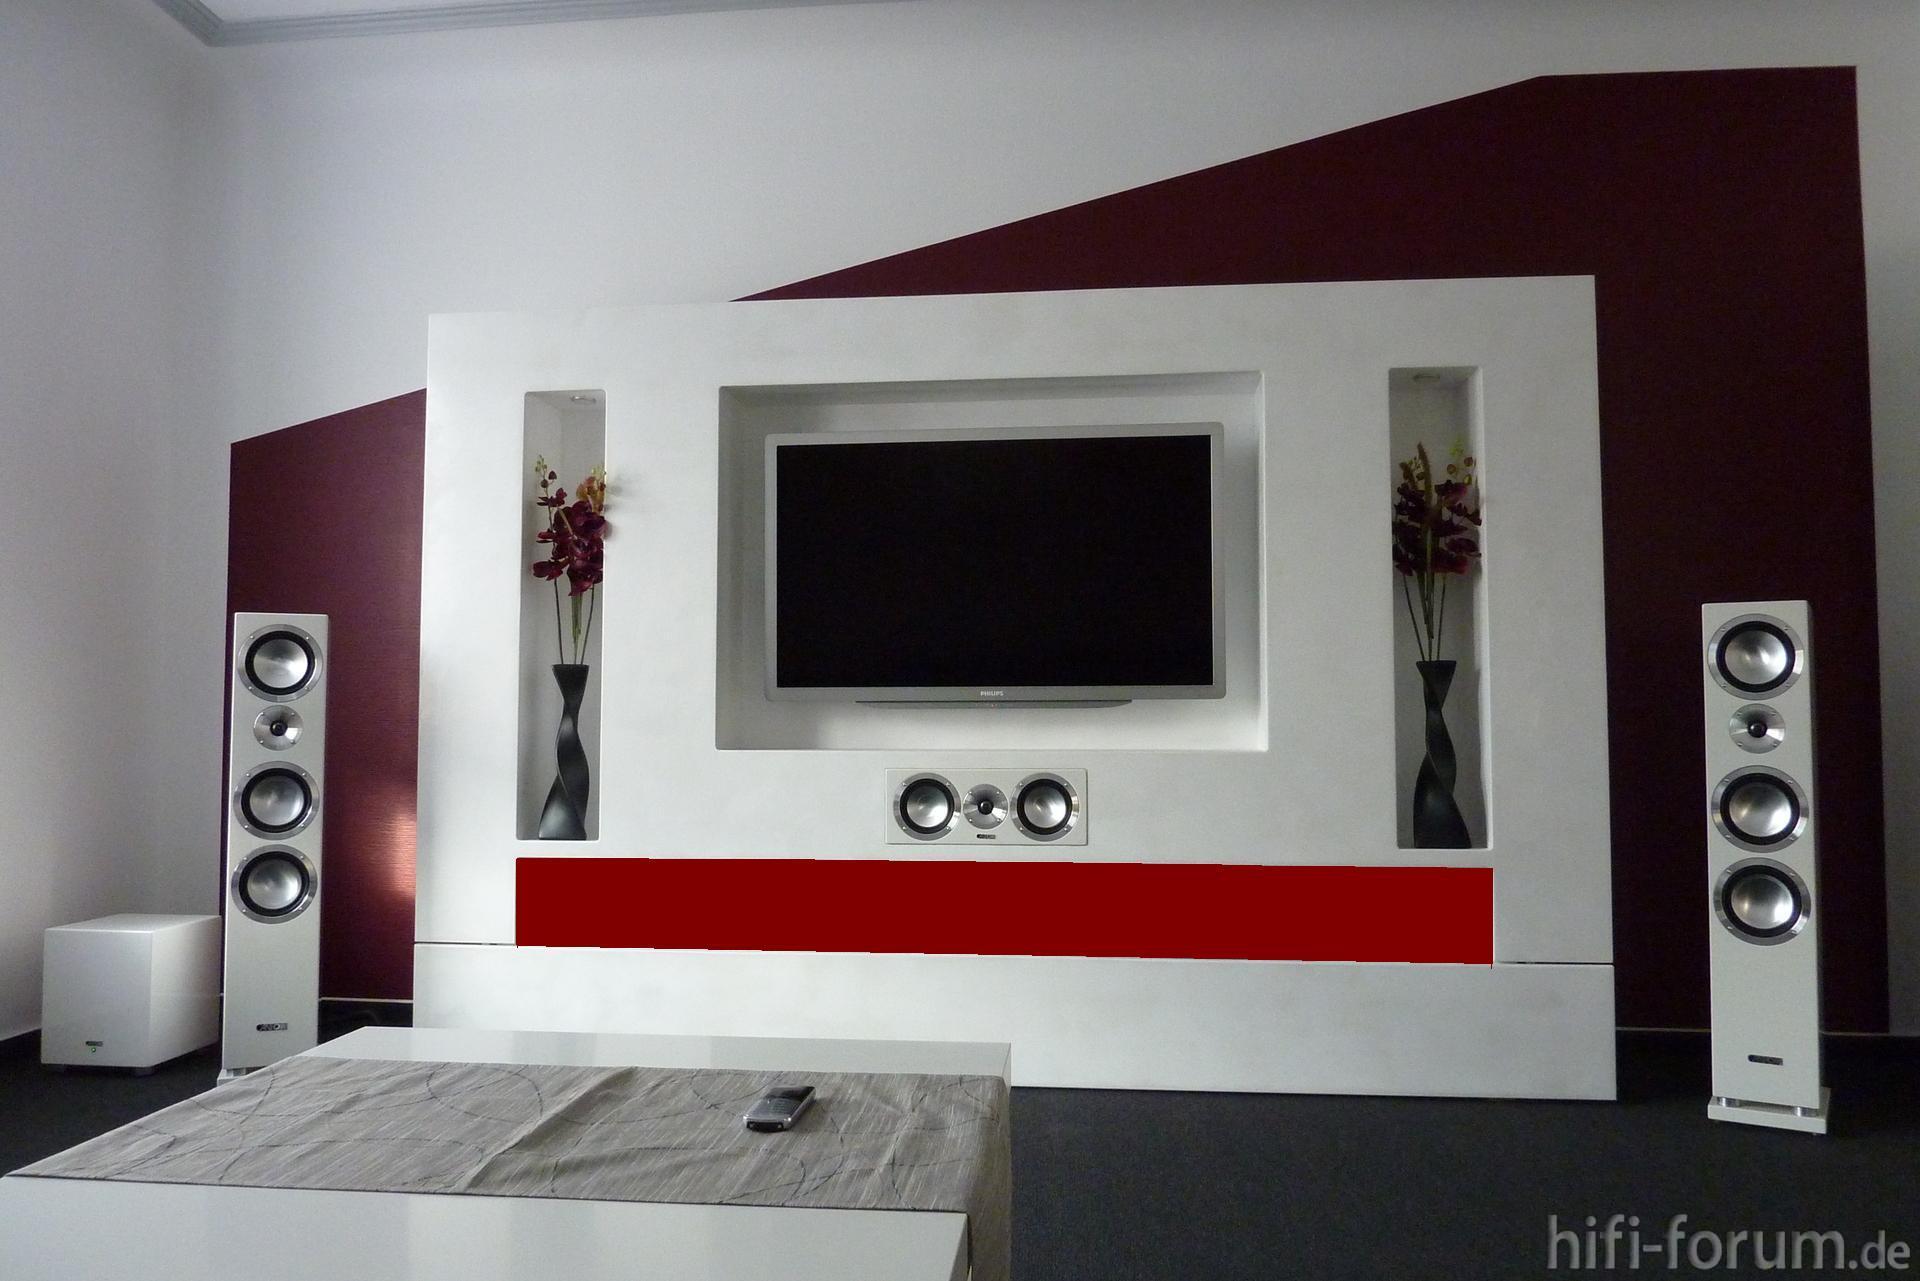 Tv wand selber bauen ideen  Bilder eurer Steinwände / Kiesbetten, Racks, Gehäuse - HIFI-FORUM ...